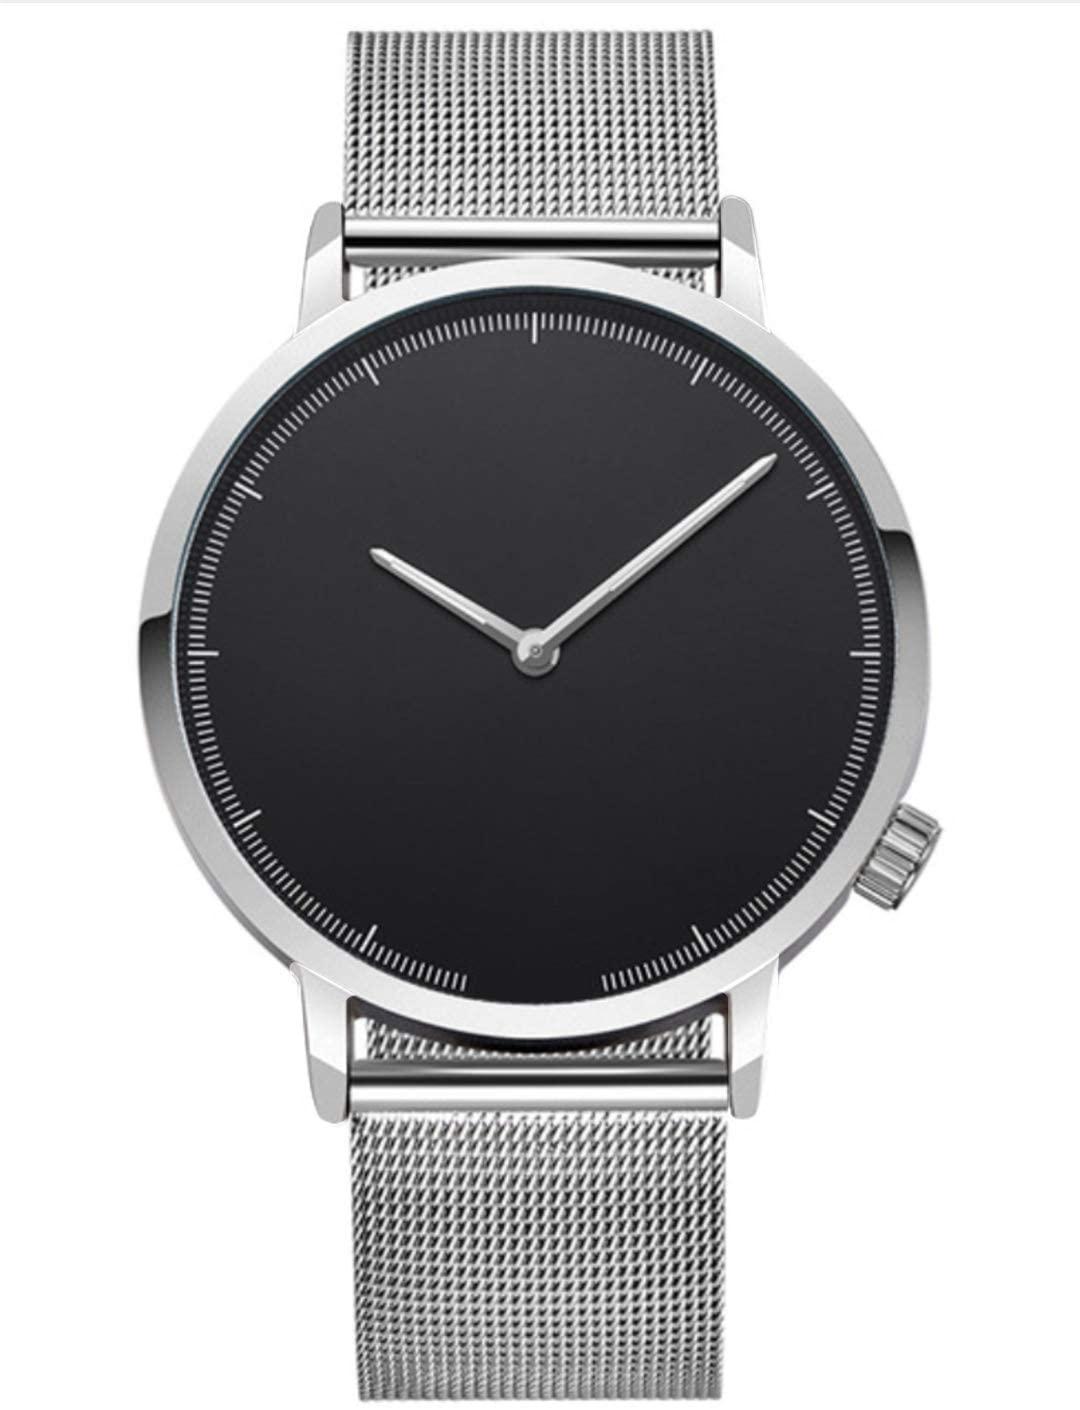 Mens Business Watch Classic Gold Quartz Stainless Steel Wrist Watch Watches En Clock